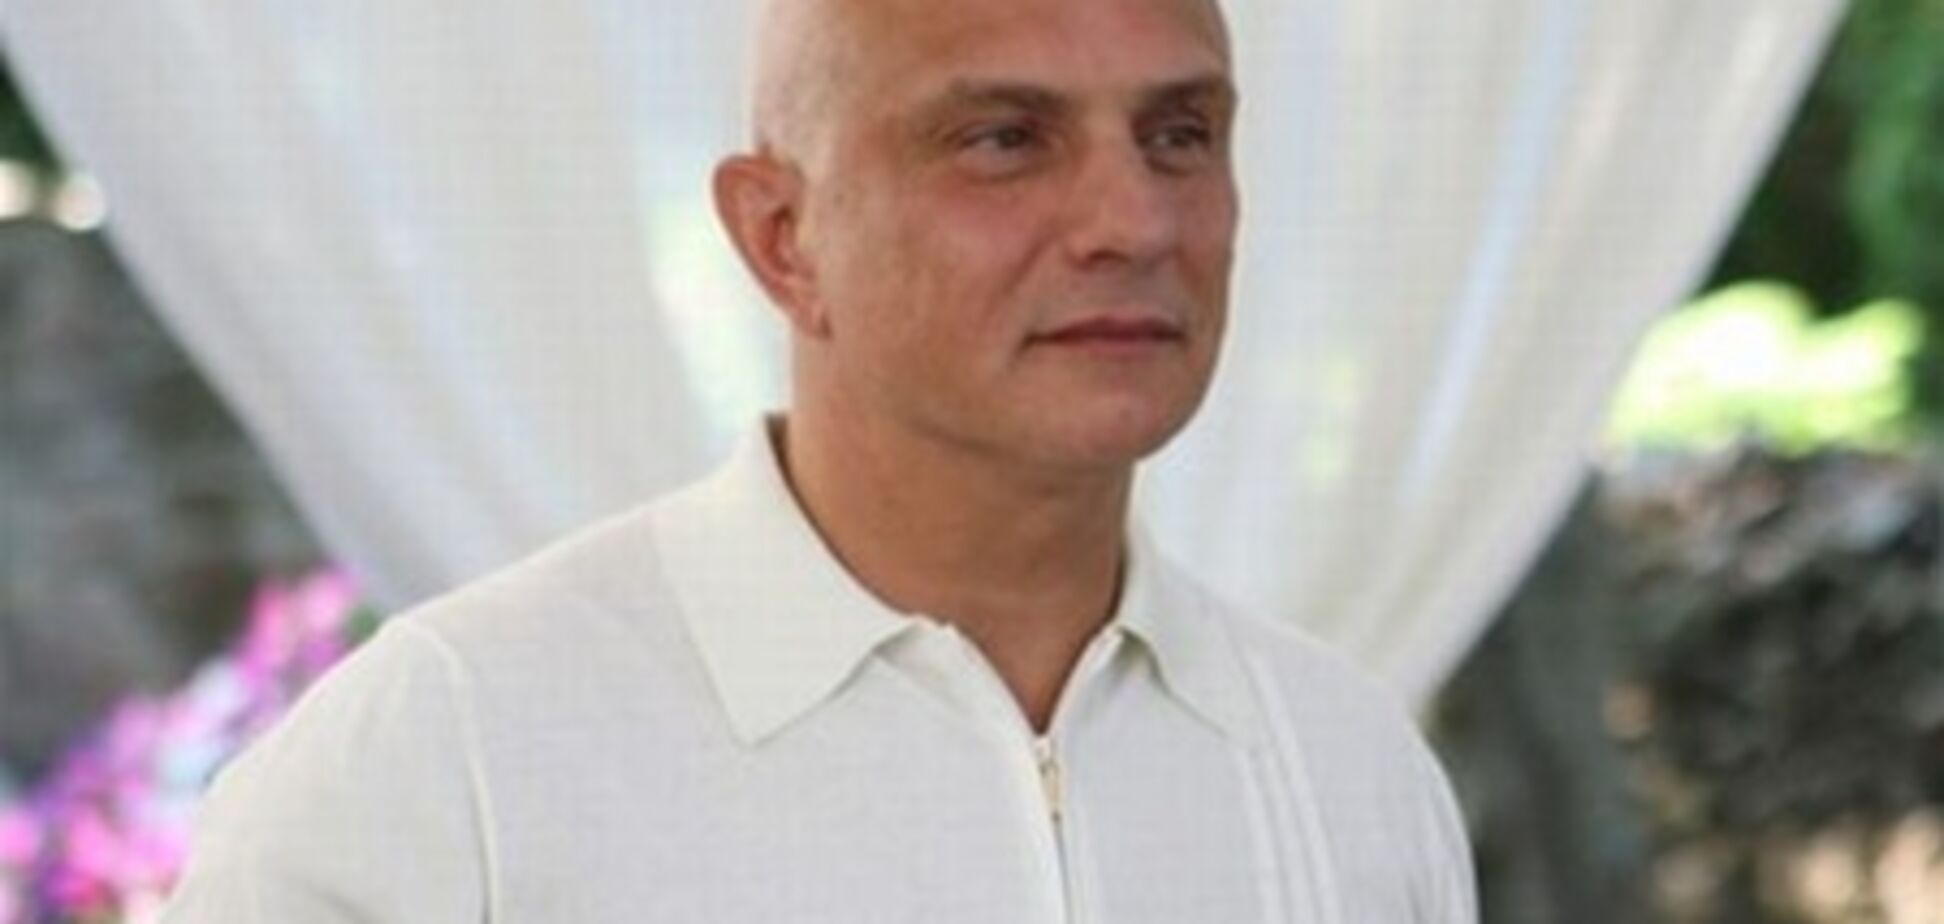 Чеський міністр: чоловік Тимошенко в Чехії, питання про притулок вирішується